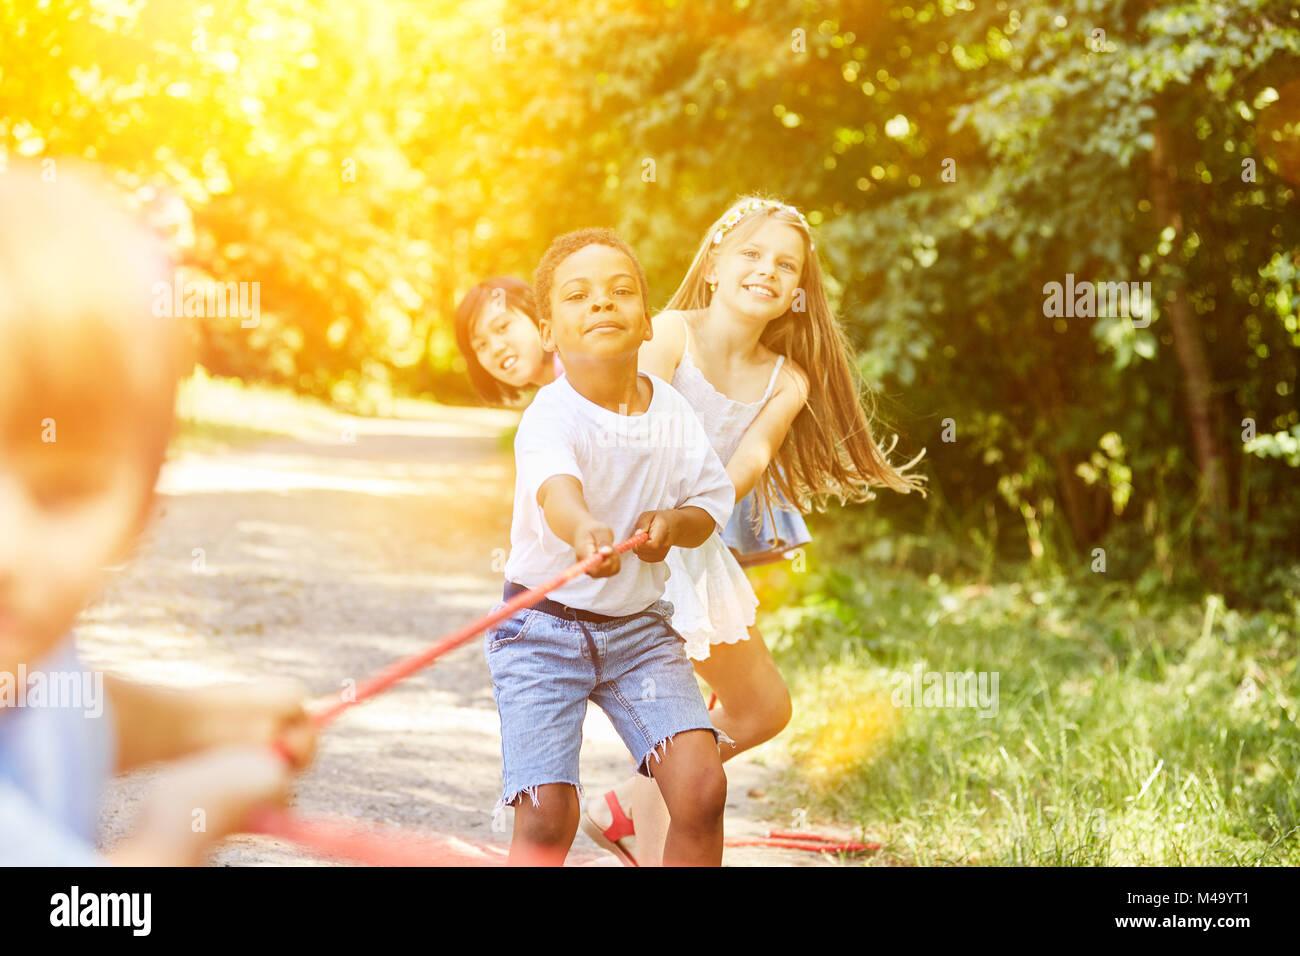 Gruppo di bambini in rimorchiatore di guerra come un team di bambini festa di compleanno in estate Immagini Stock